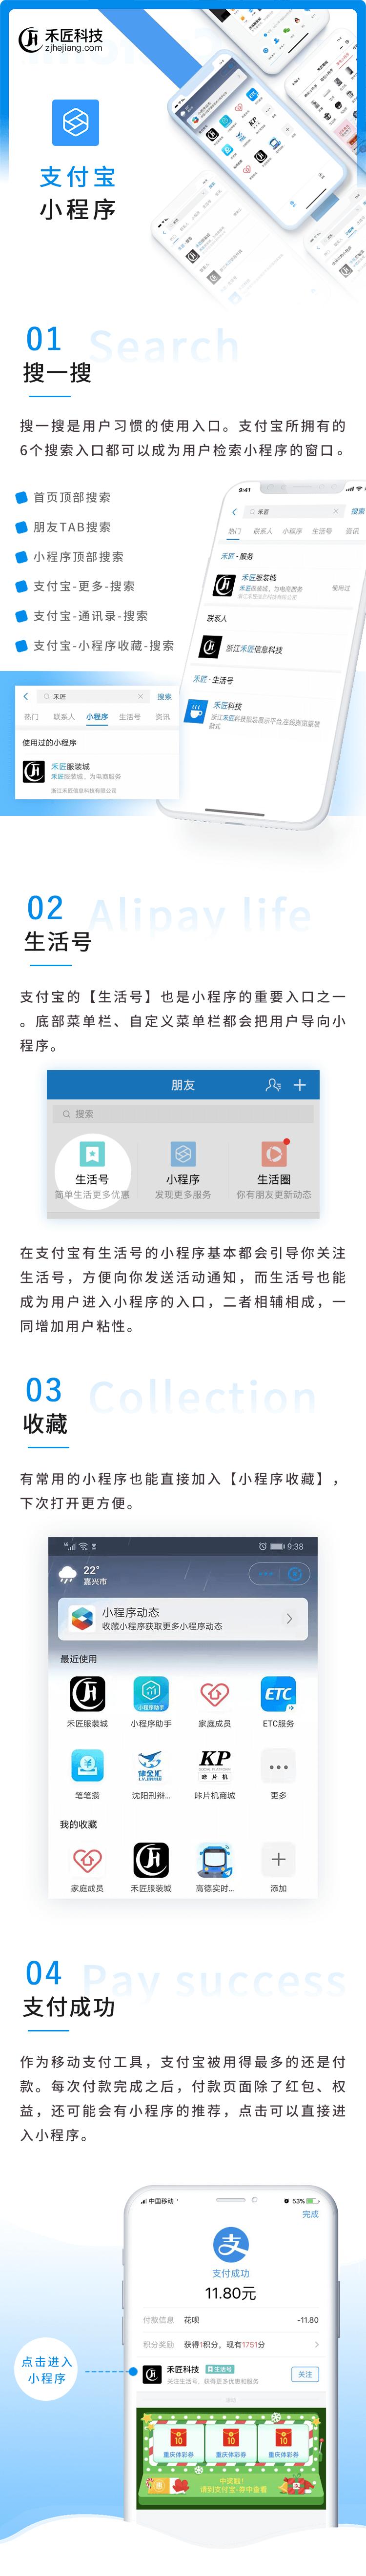 支付宝小程序_01(1).png